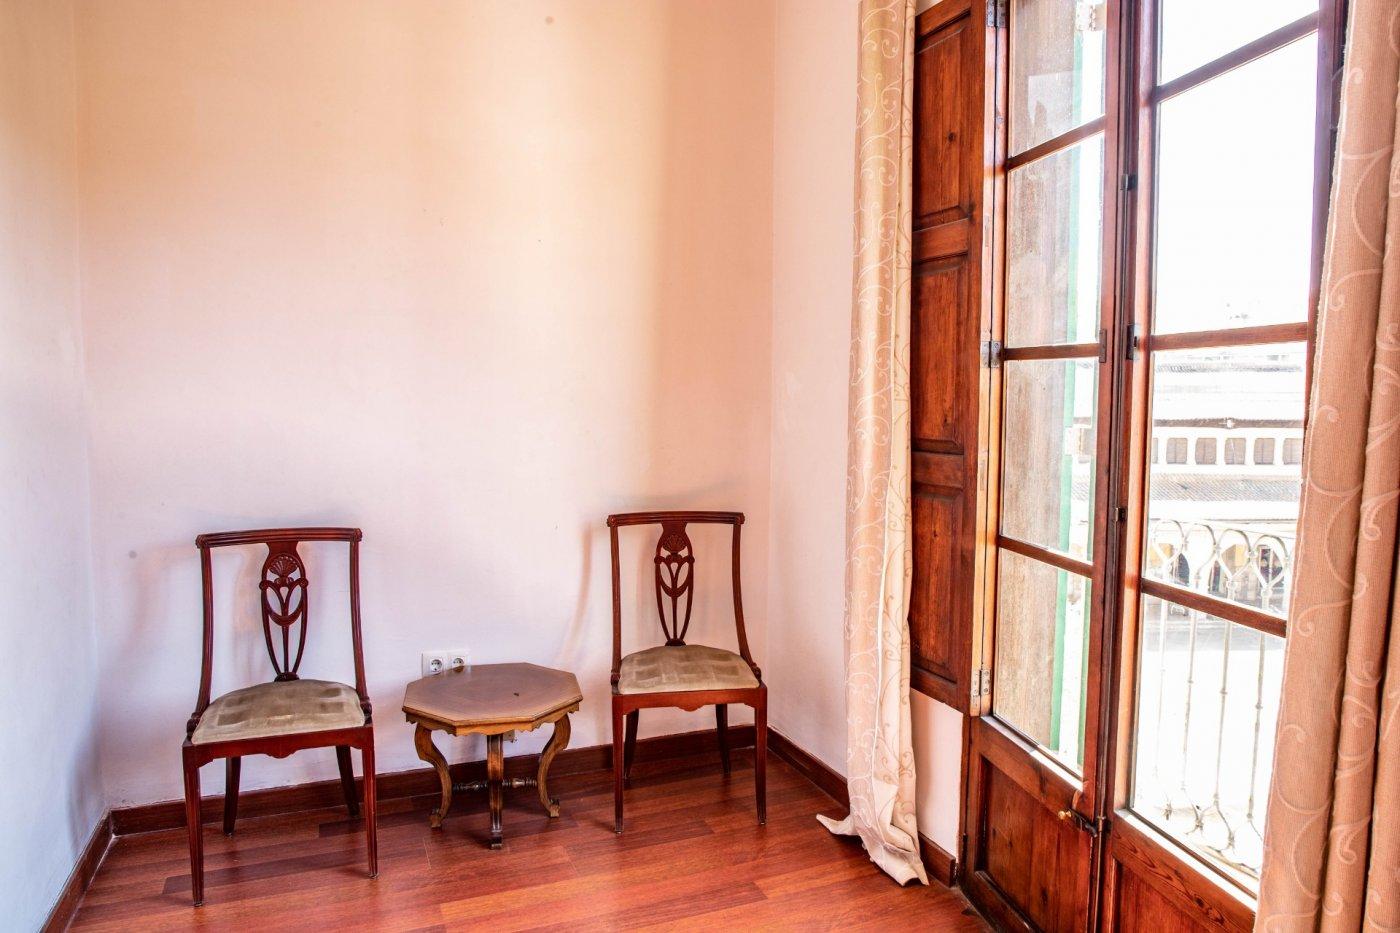 Precioso piso antiguo con mucho carácter en el centro de palma - imagenInmueble8